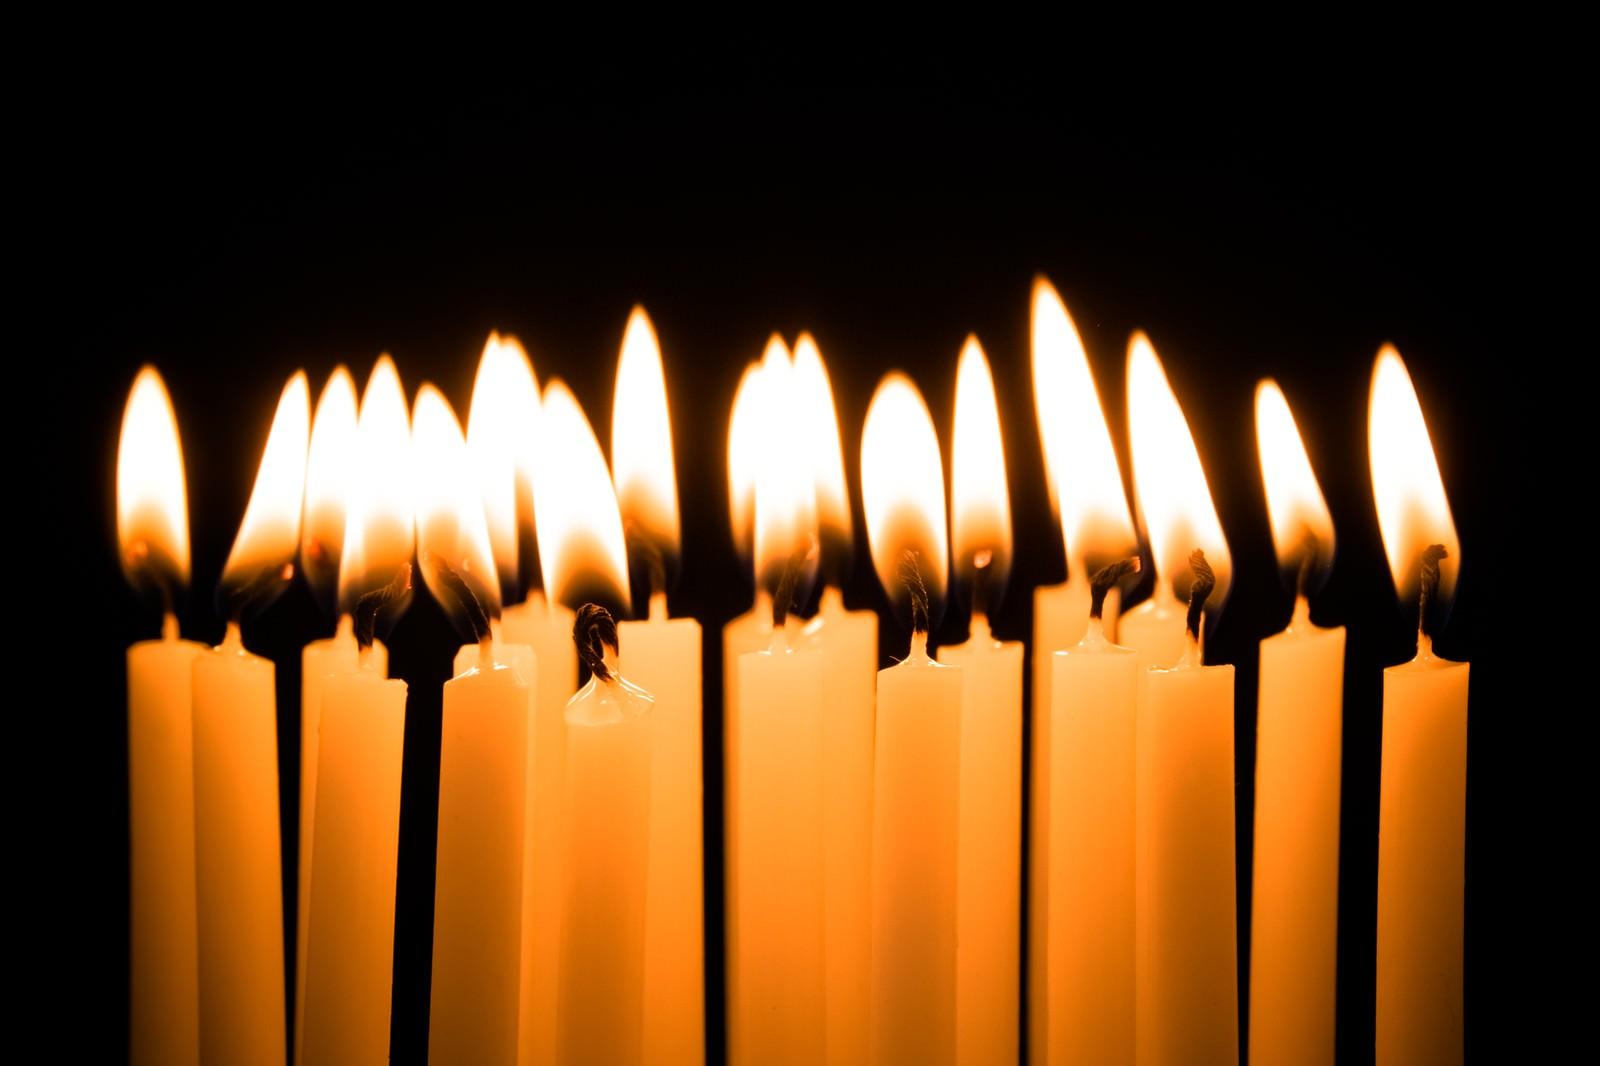 「二十歳の誕生日(ろうそく)」の写真